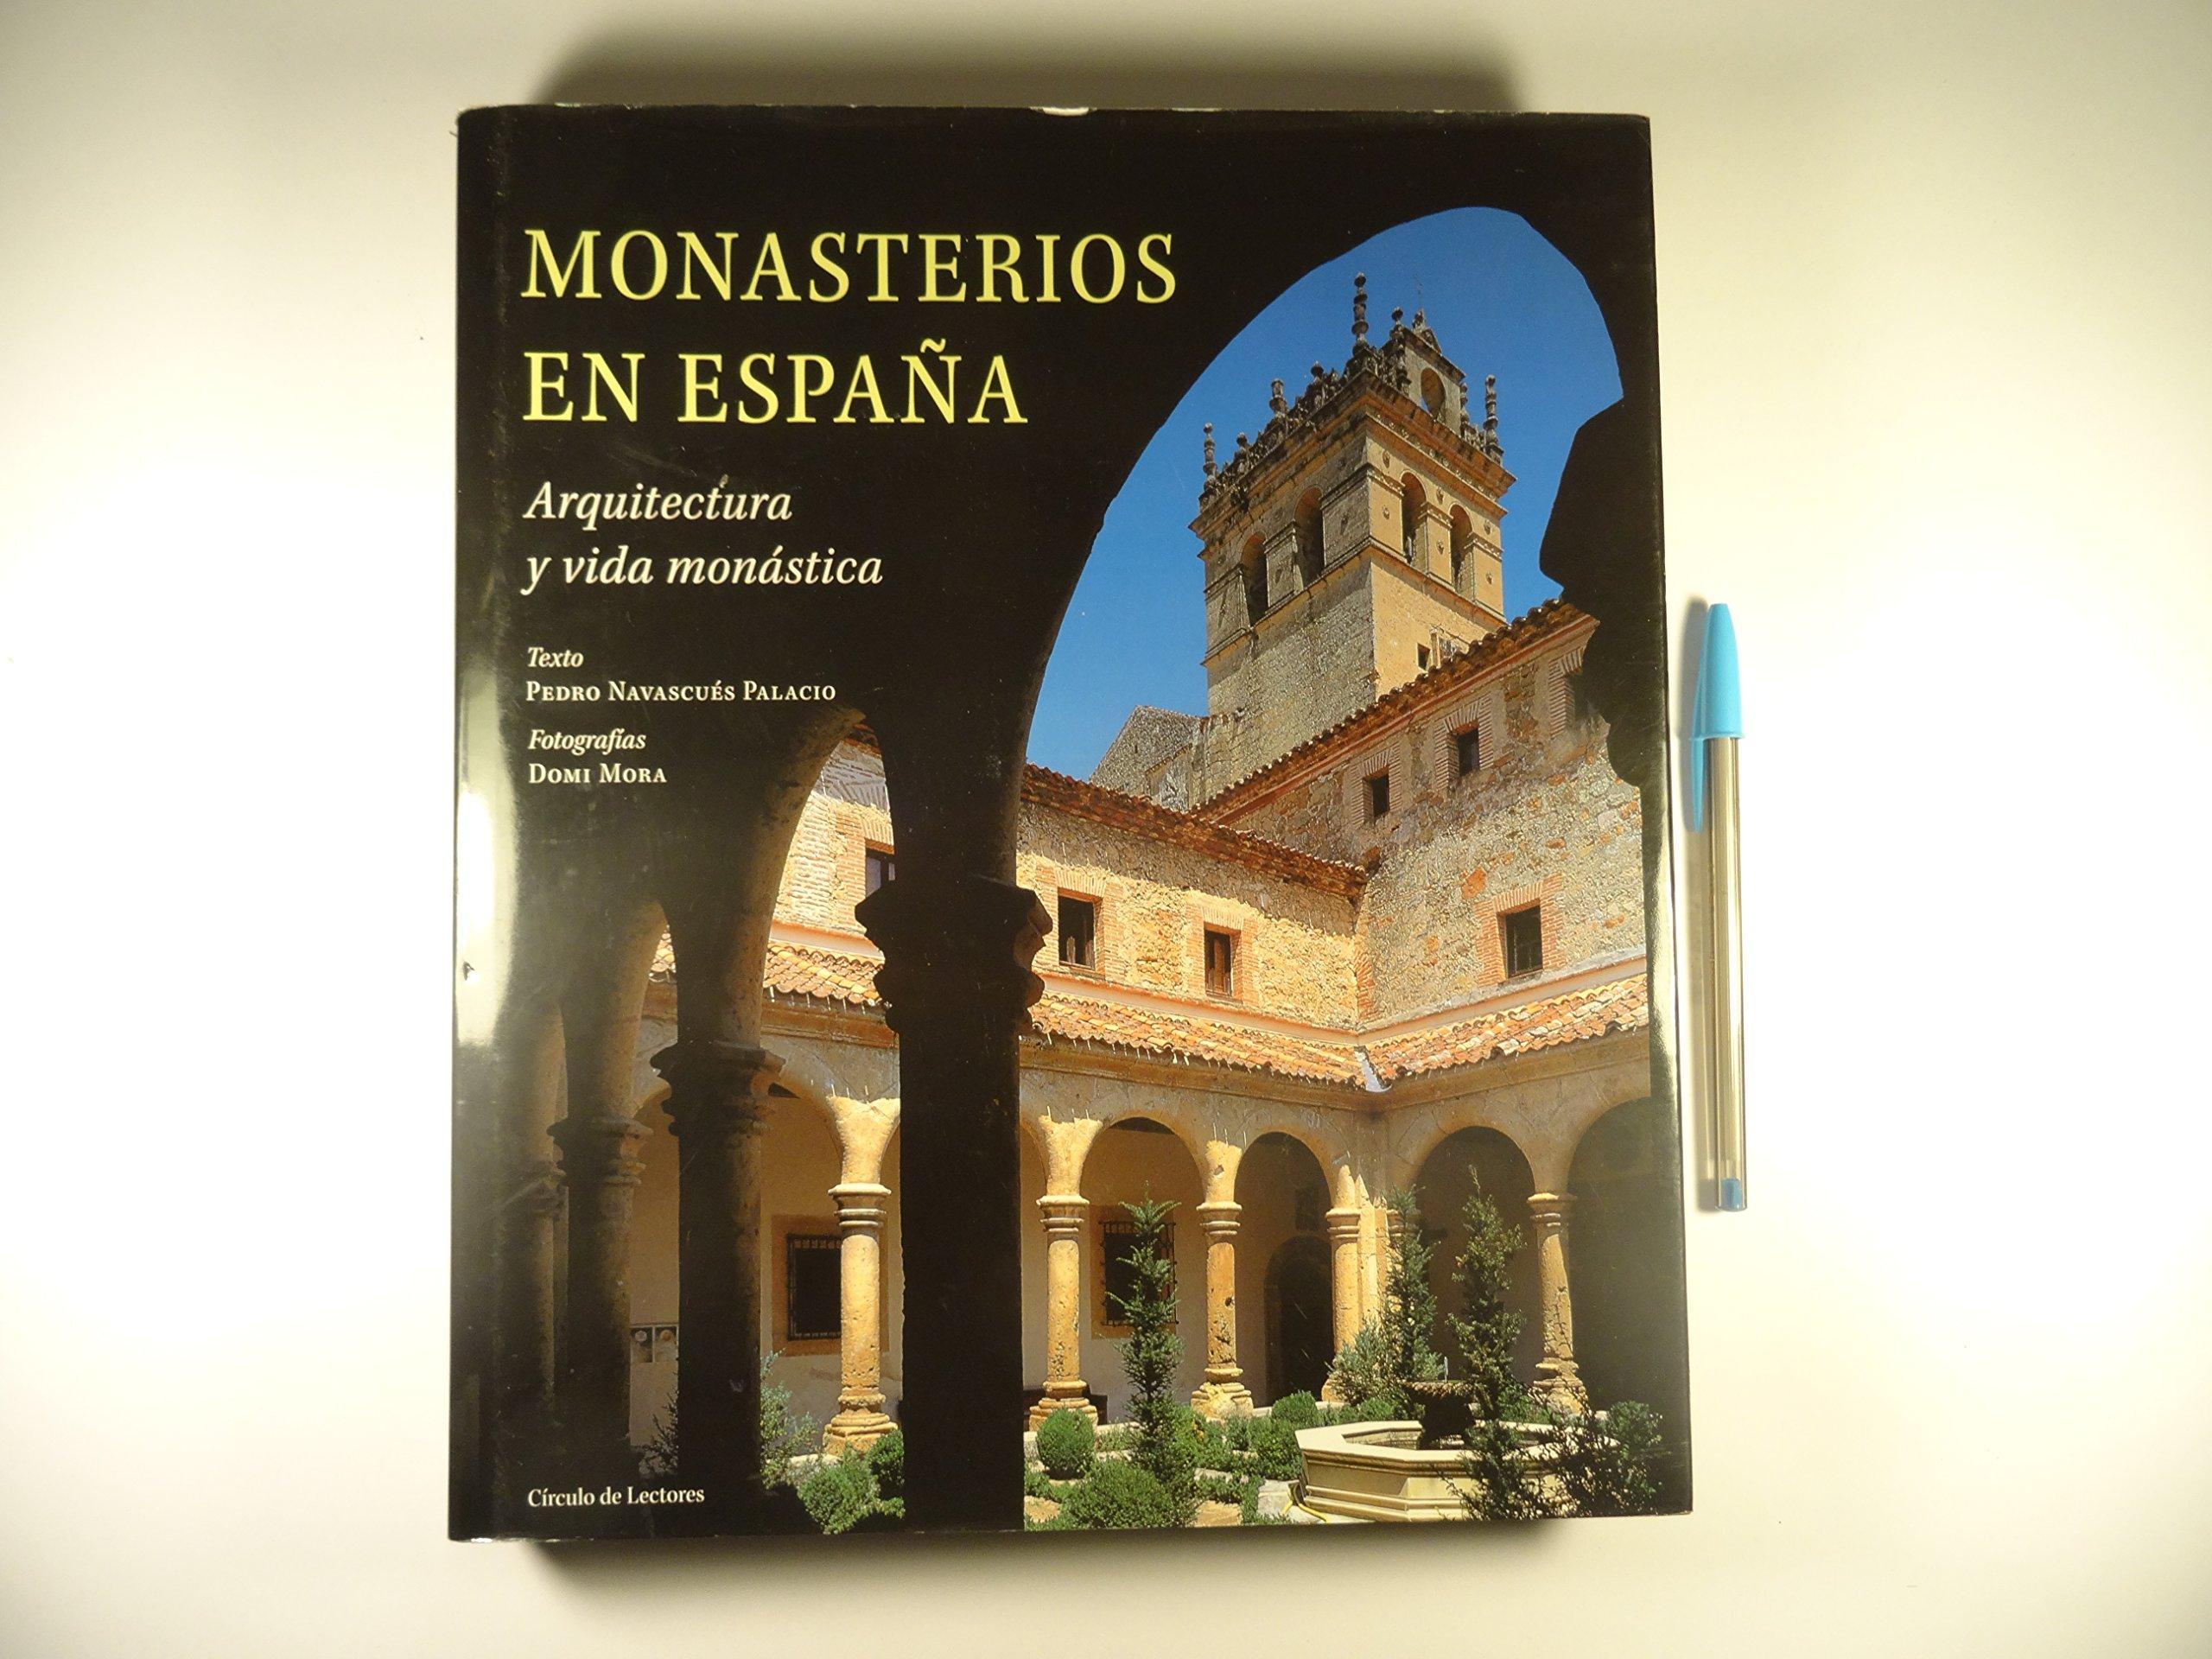 Monasterios De España. Arquitectura Y Vida Monástica: Amazon.es: Navascués Palacio, Pedro: Libros